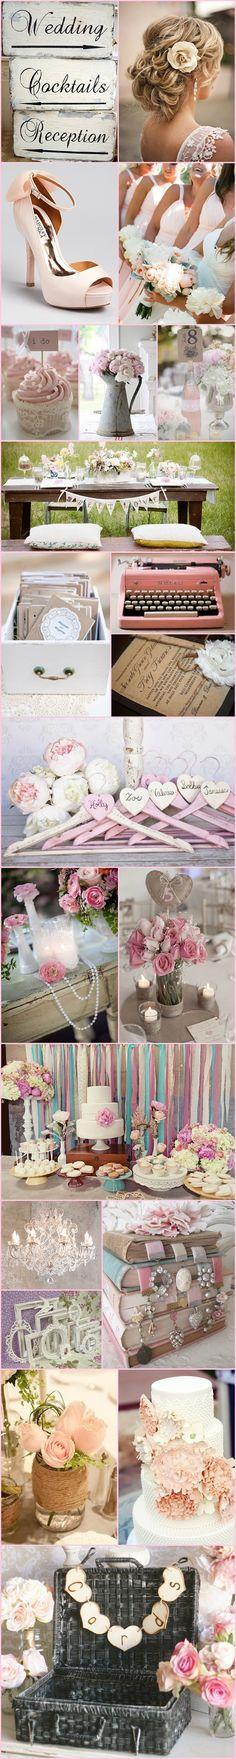 Shabby Chic Inspiration Board I ideas para bodas de estilo Shabby chic //Raquel Moure